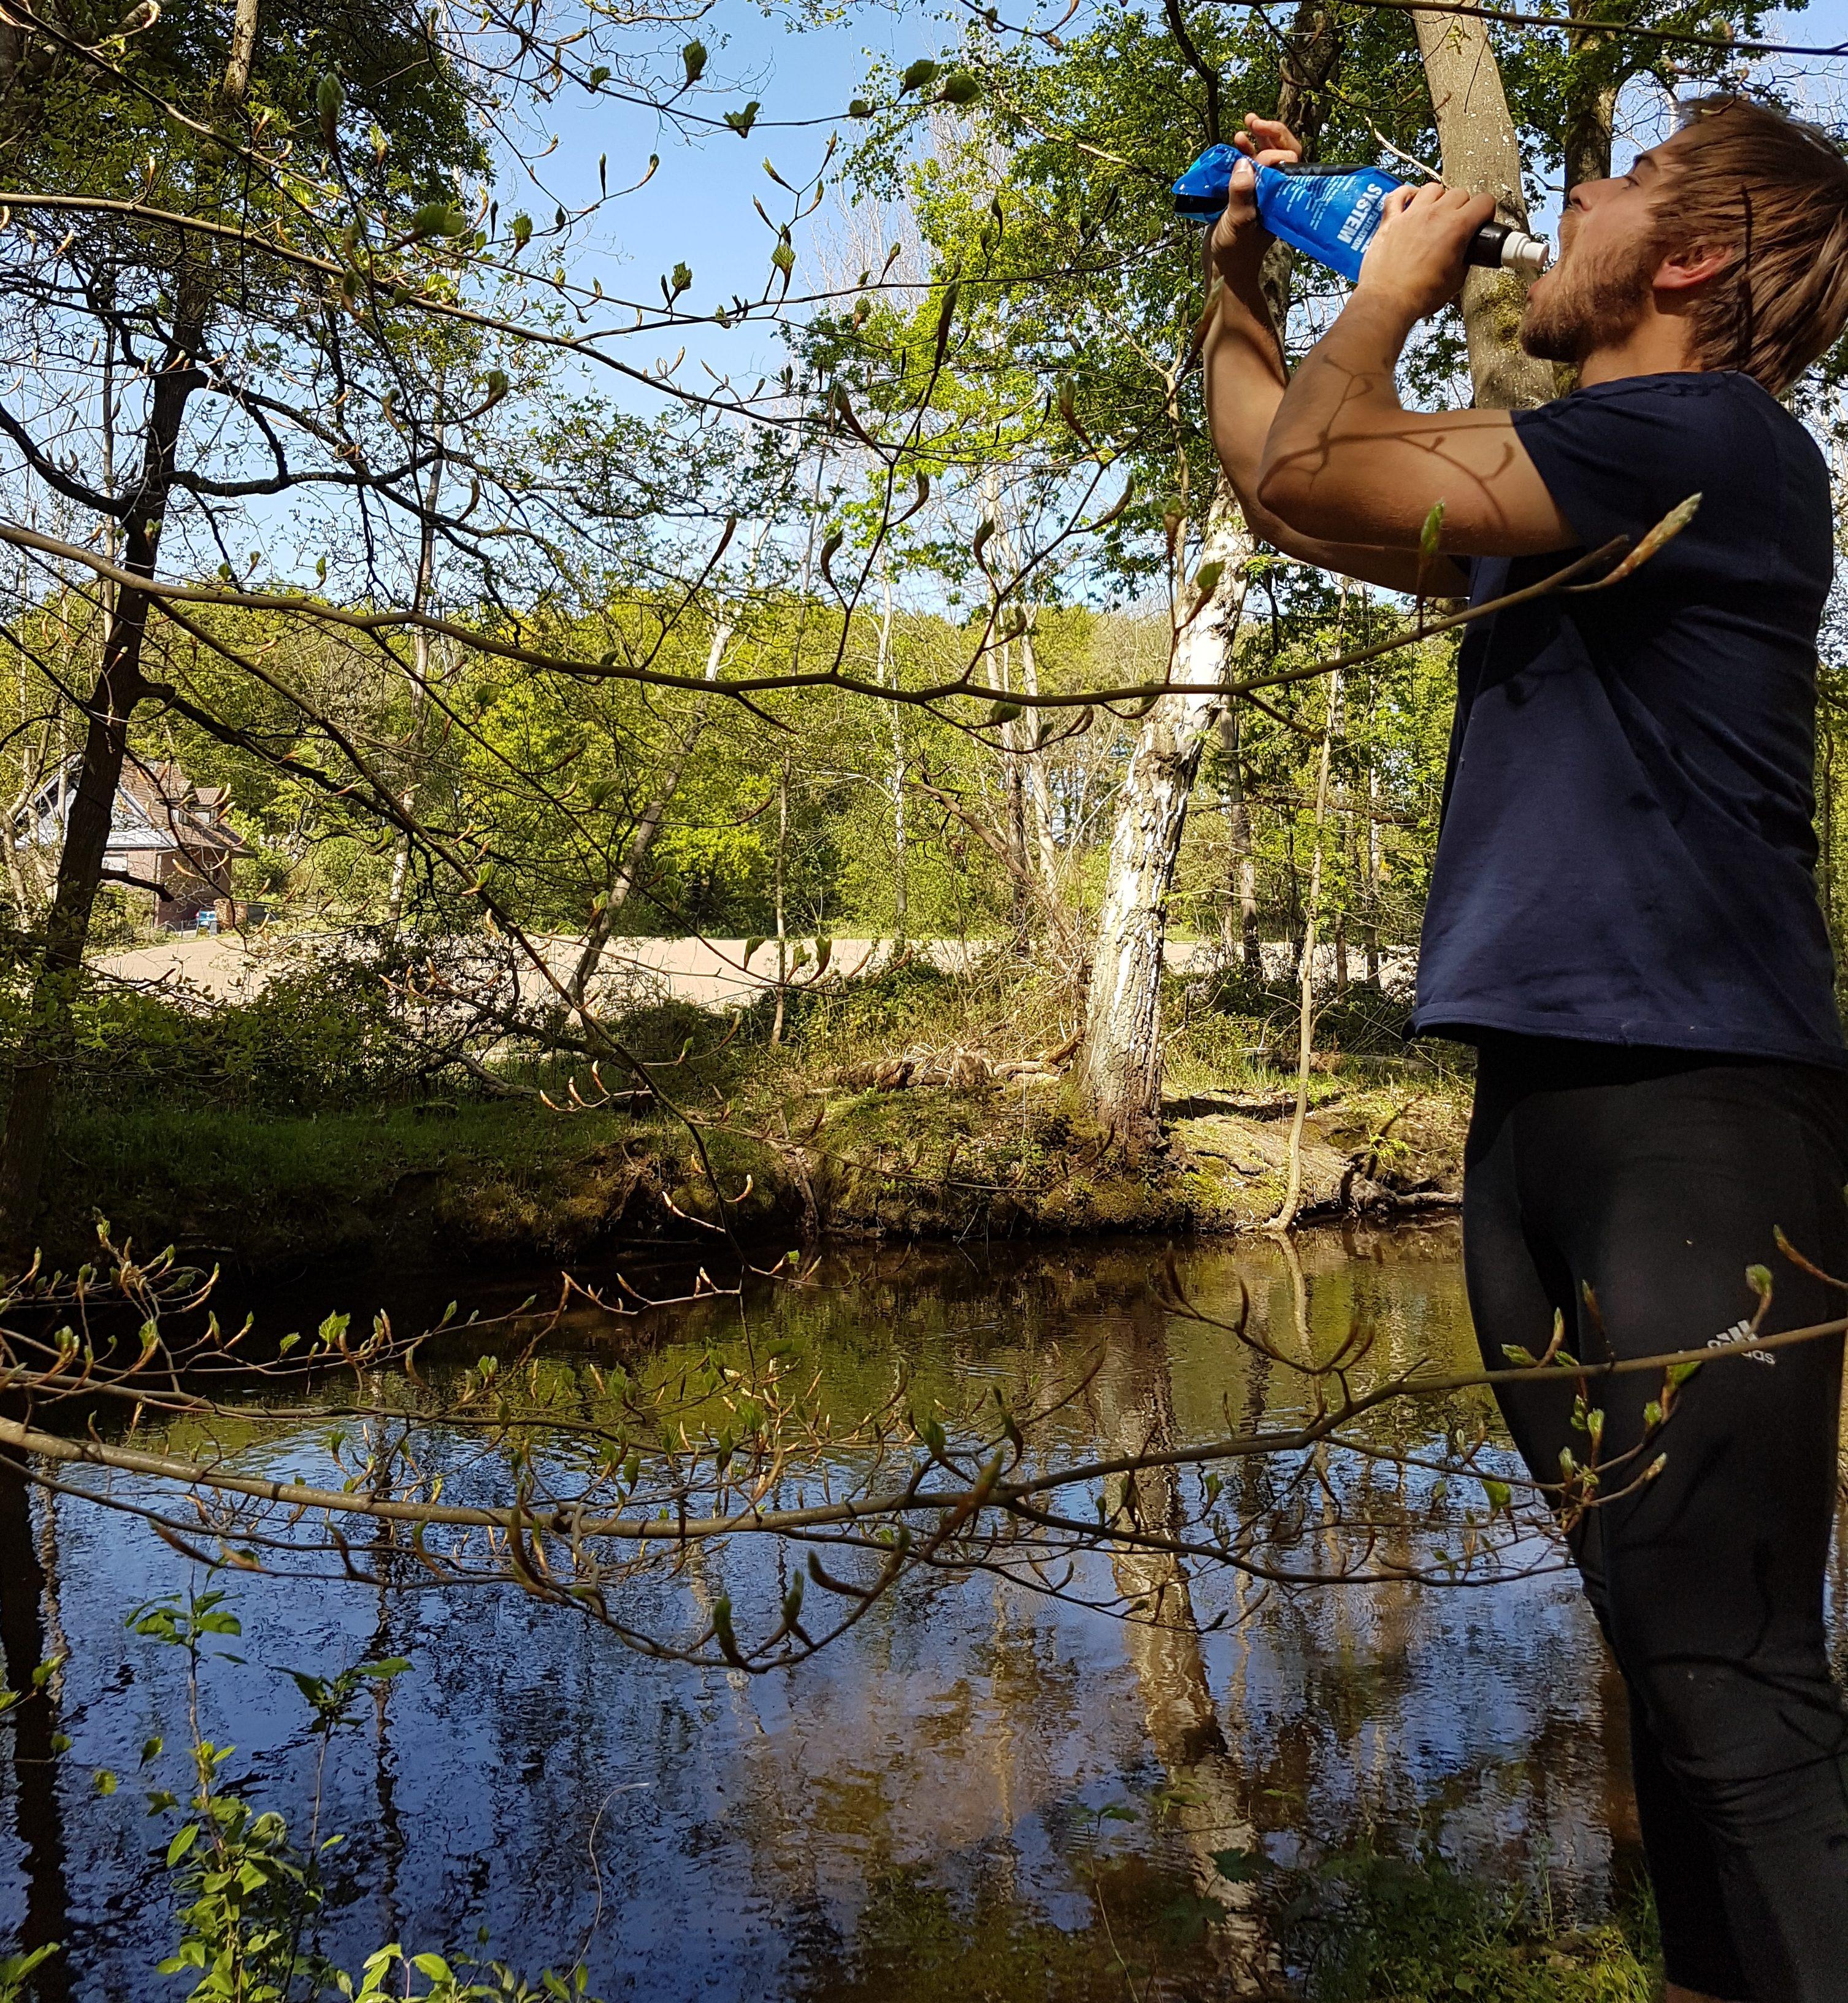 Sawyer Micro Sqeeze Wasserfilter - Fahrradtour entland der Schwalm in NRW